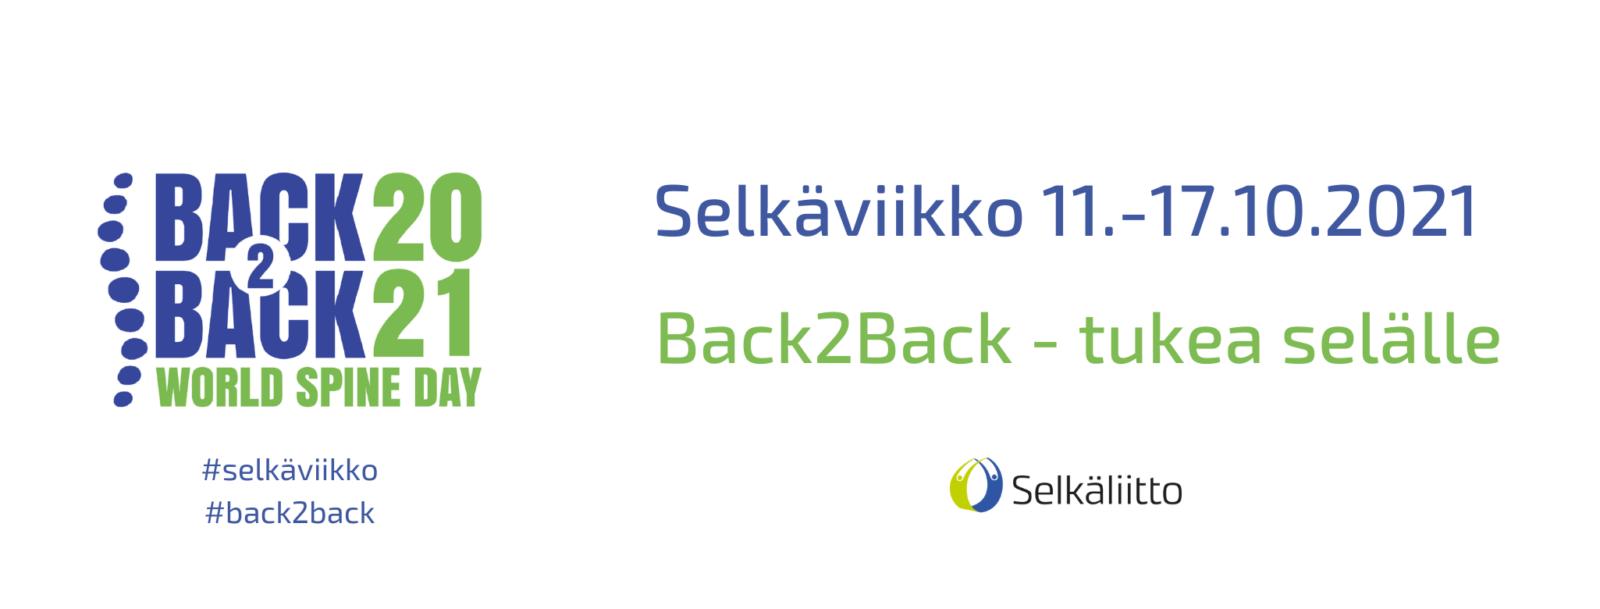 Selkäviikko 11.-17.10.2021, Back2Back - tukea selälle.